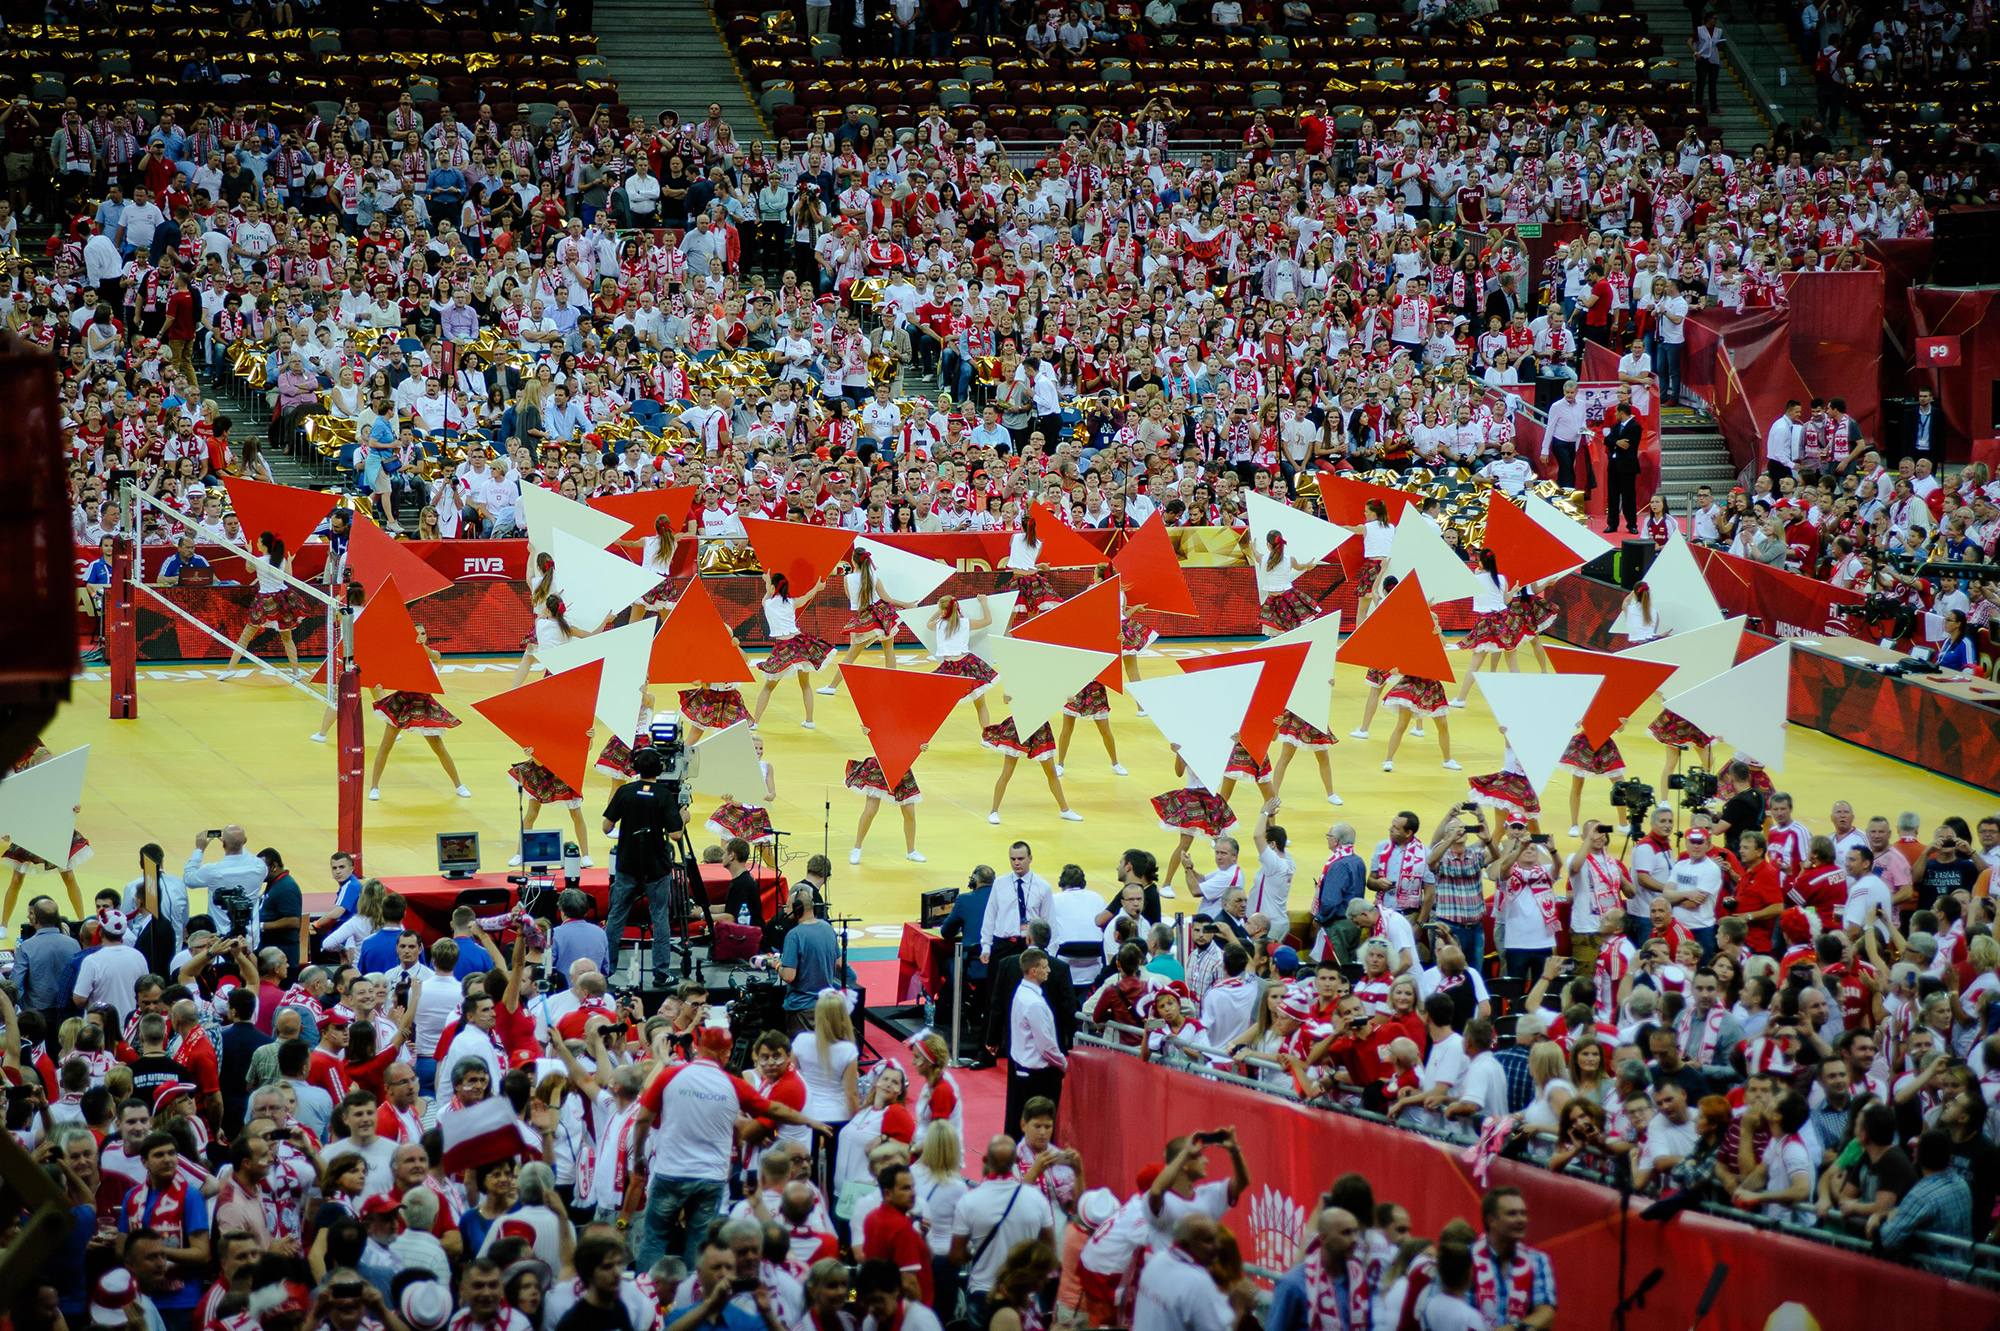 Ceremonia Otwarcia Mistrzostw Świata W Piłce Siatkowej Mężczyzn 2014 na Stadionie Narodowym w Warszawie